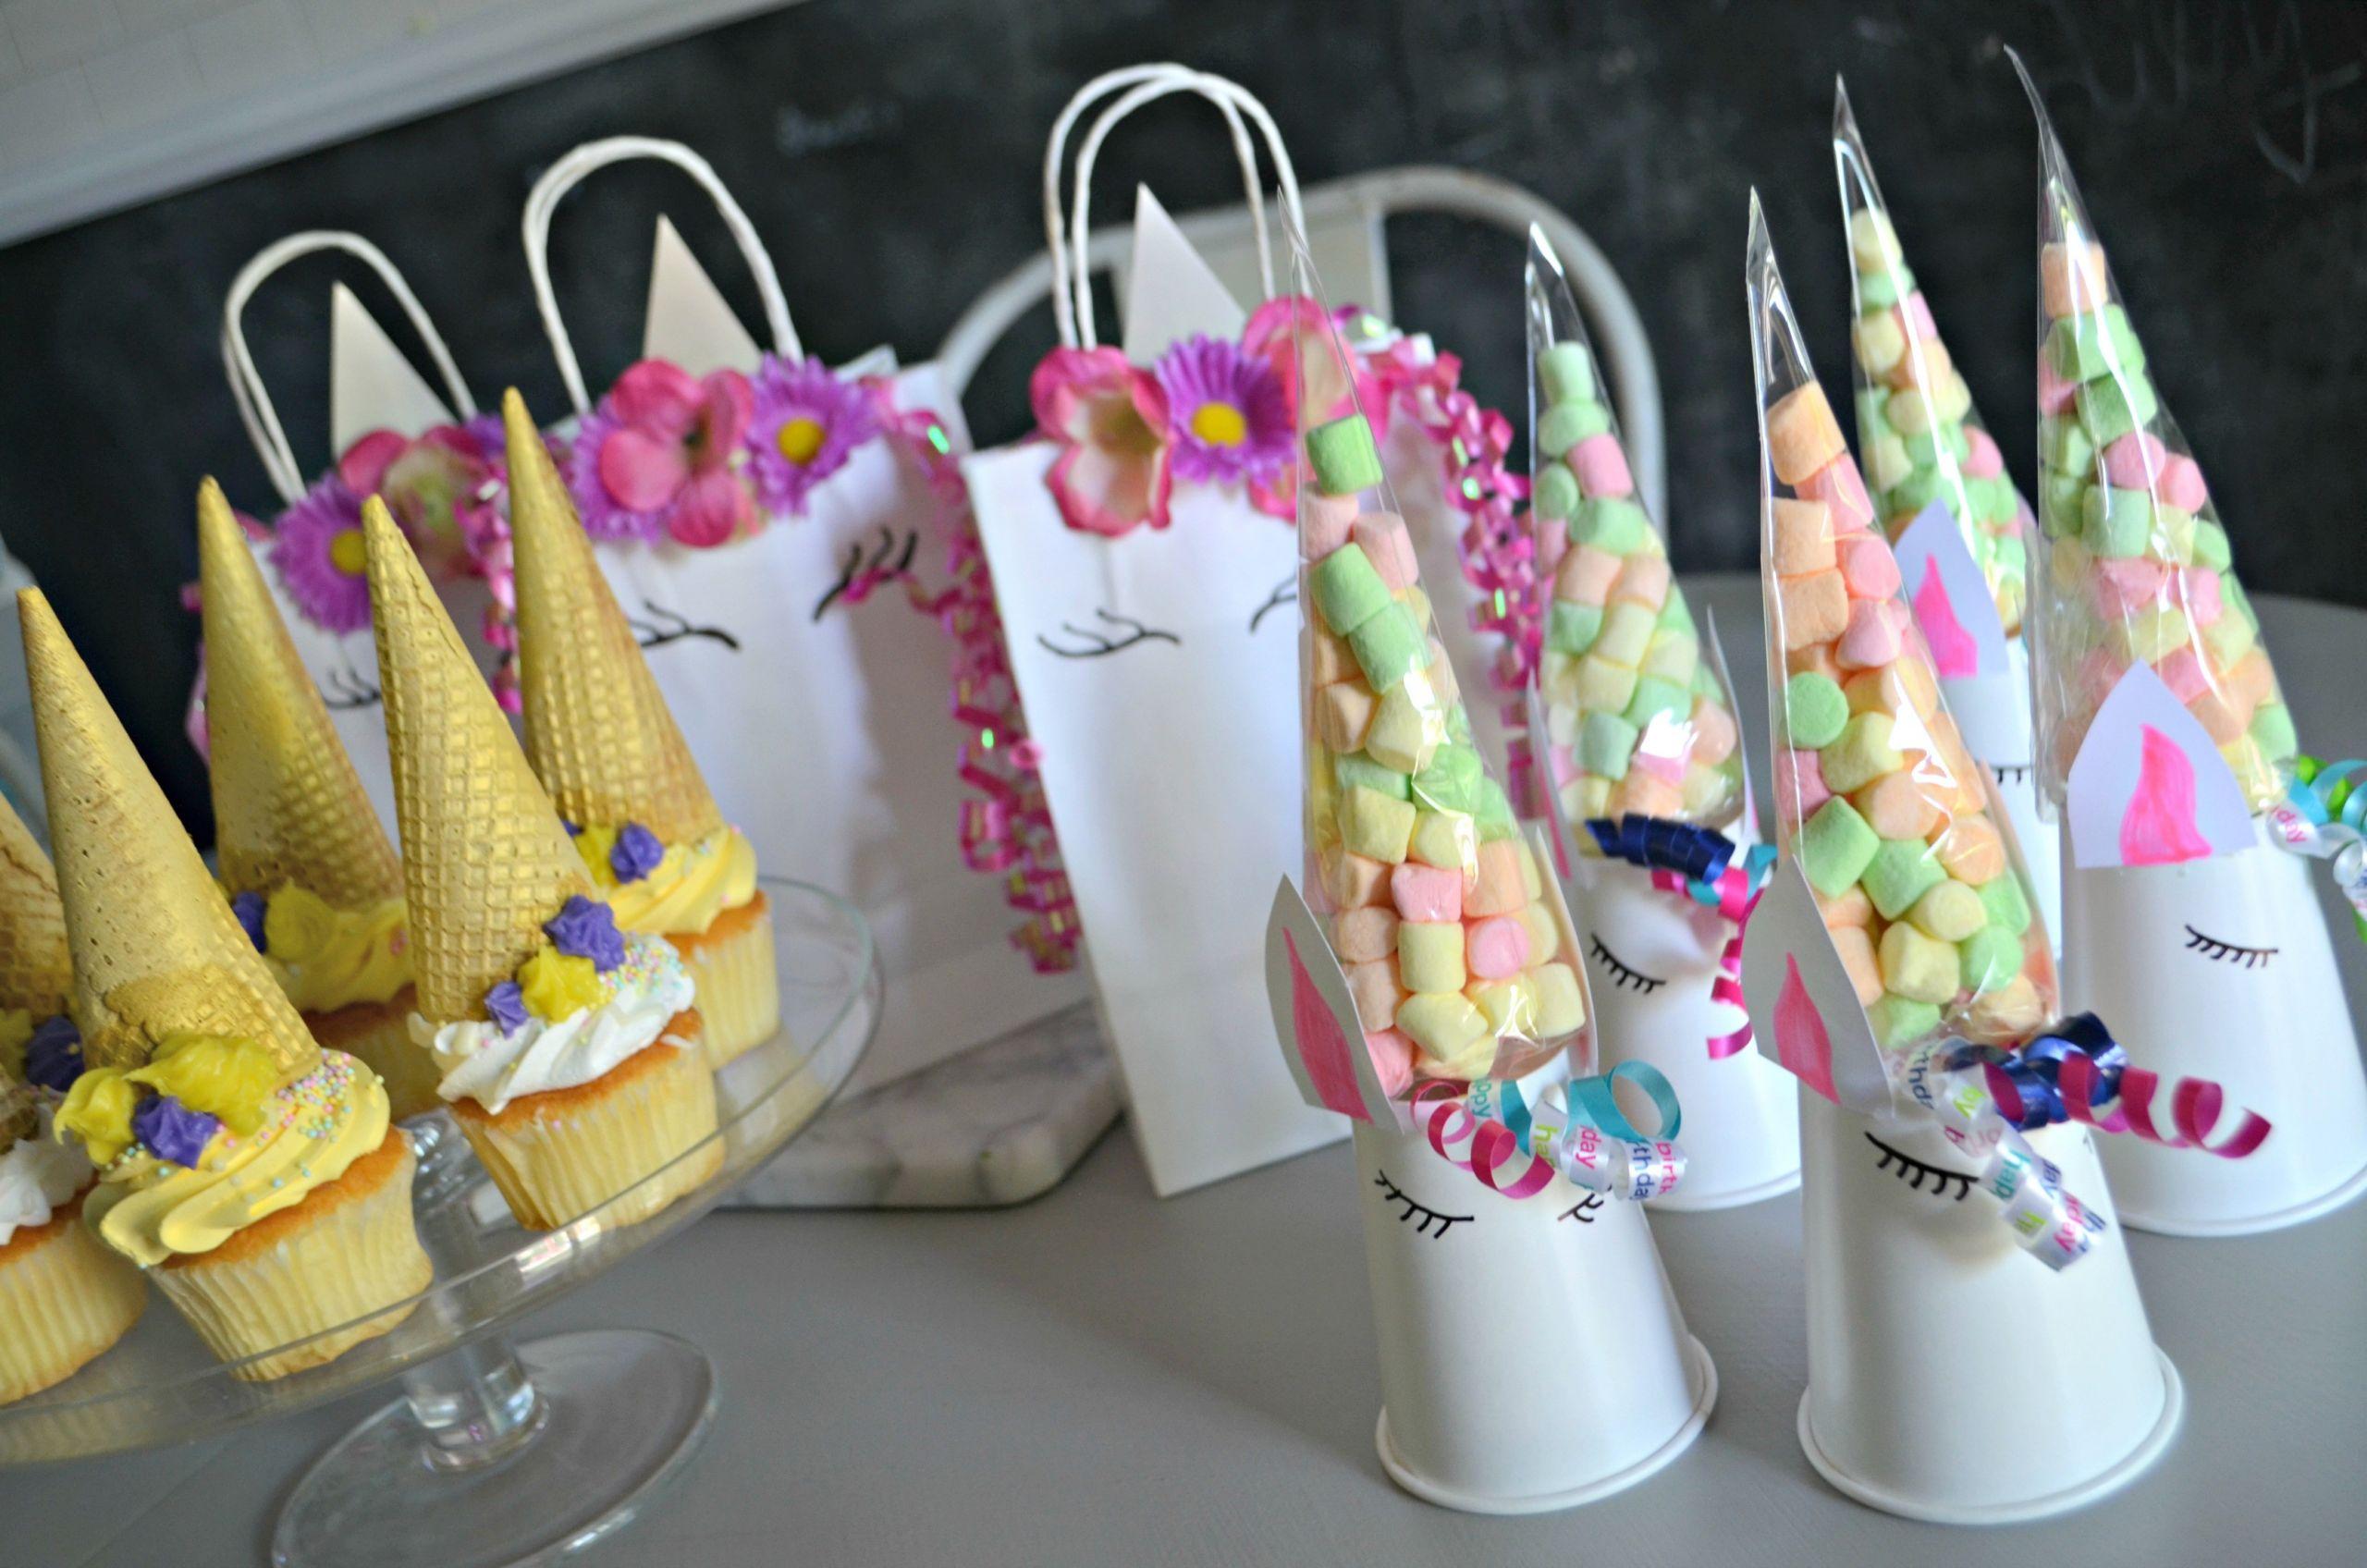 Diy Unicorn Birthday Party Ideas  Make These 3 Frugal Cute and Easy DIY Unicorn Birthday